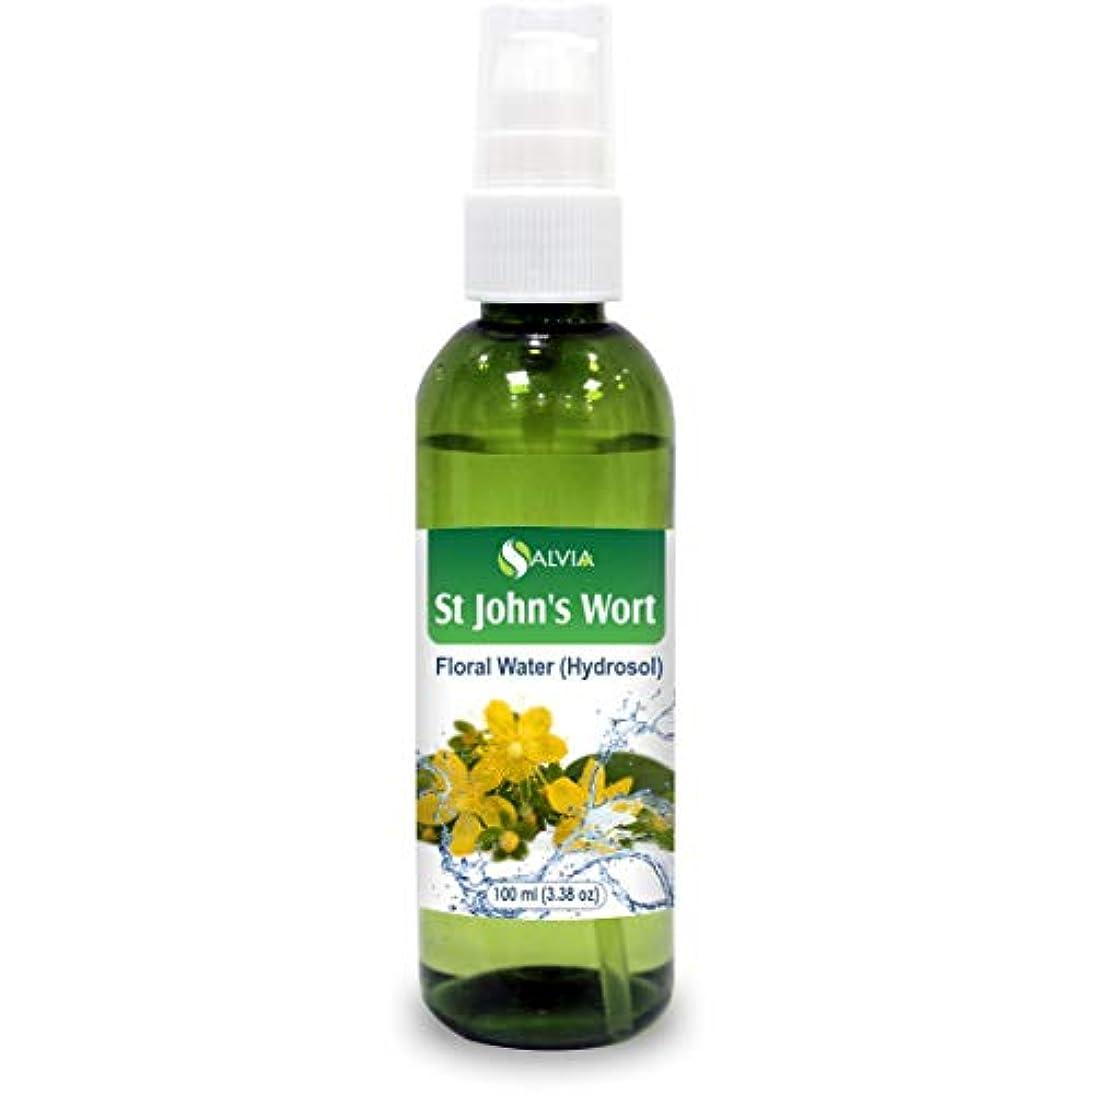 適用するその他コンソールSt John's Wort Floral Water 100ml (Hydrosol) 100% Pure And Natural